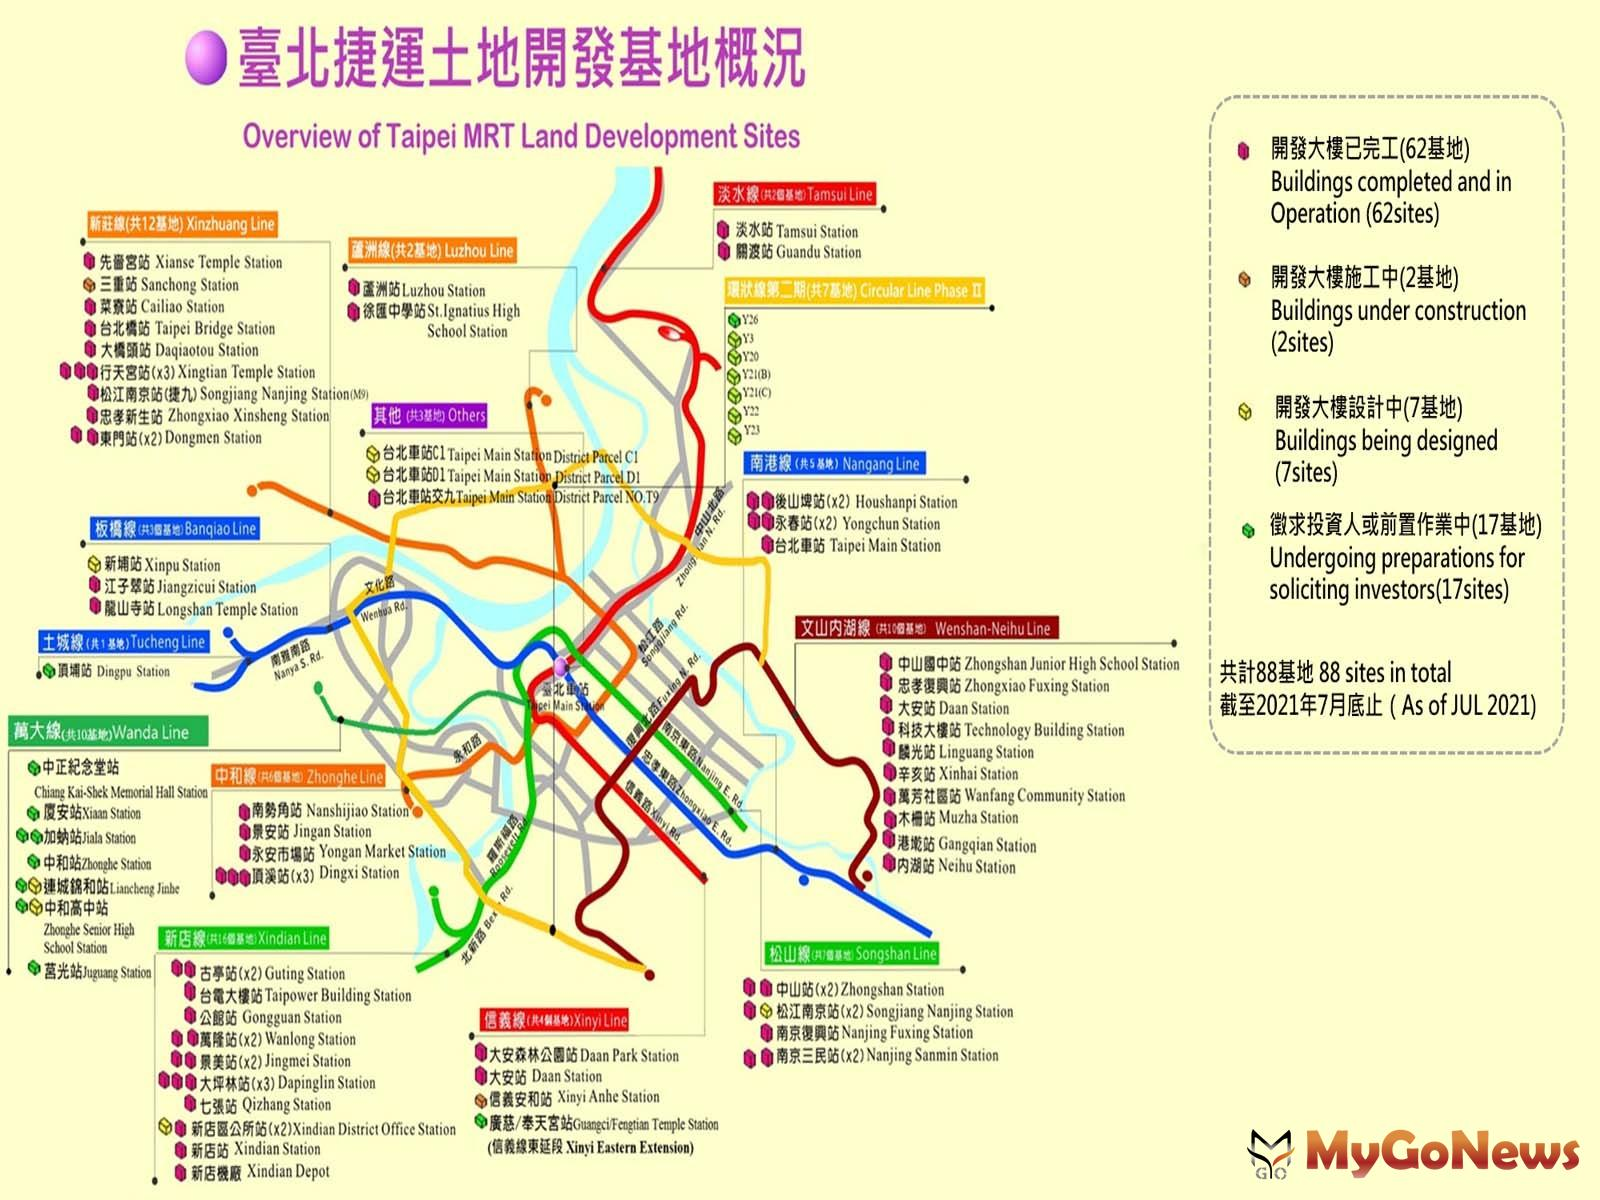 加速台北捷運土地開發招商,2021年投資金額近45億元(圖/台北市政府) MyGoNews房地產新聞 區域情報